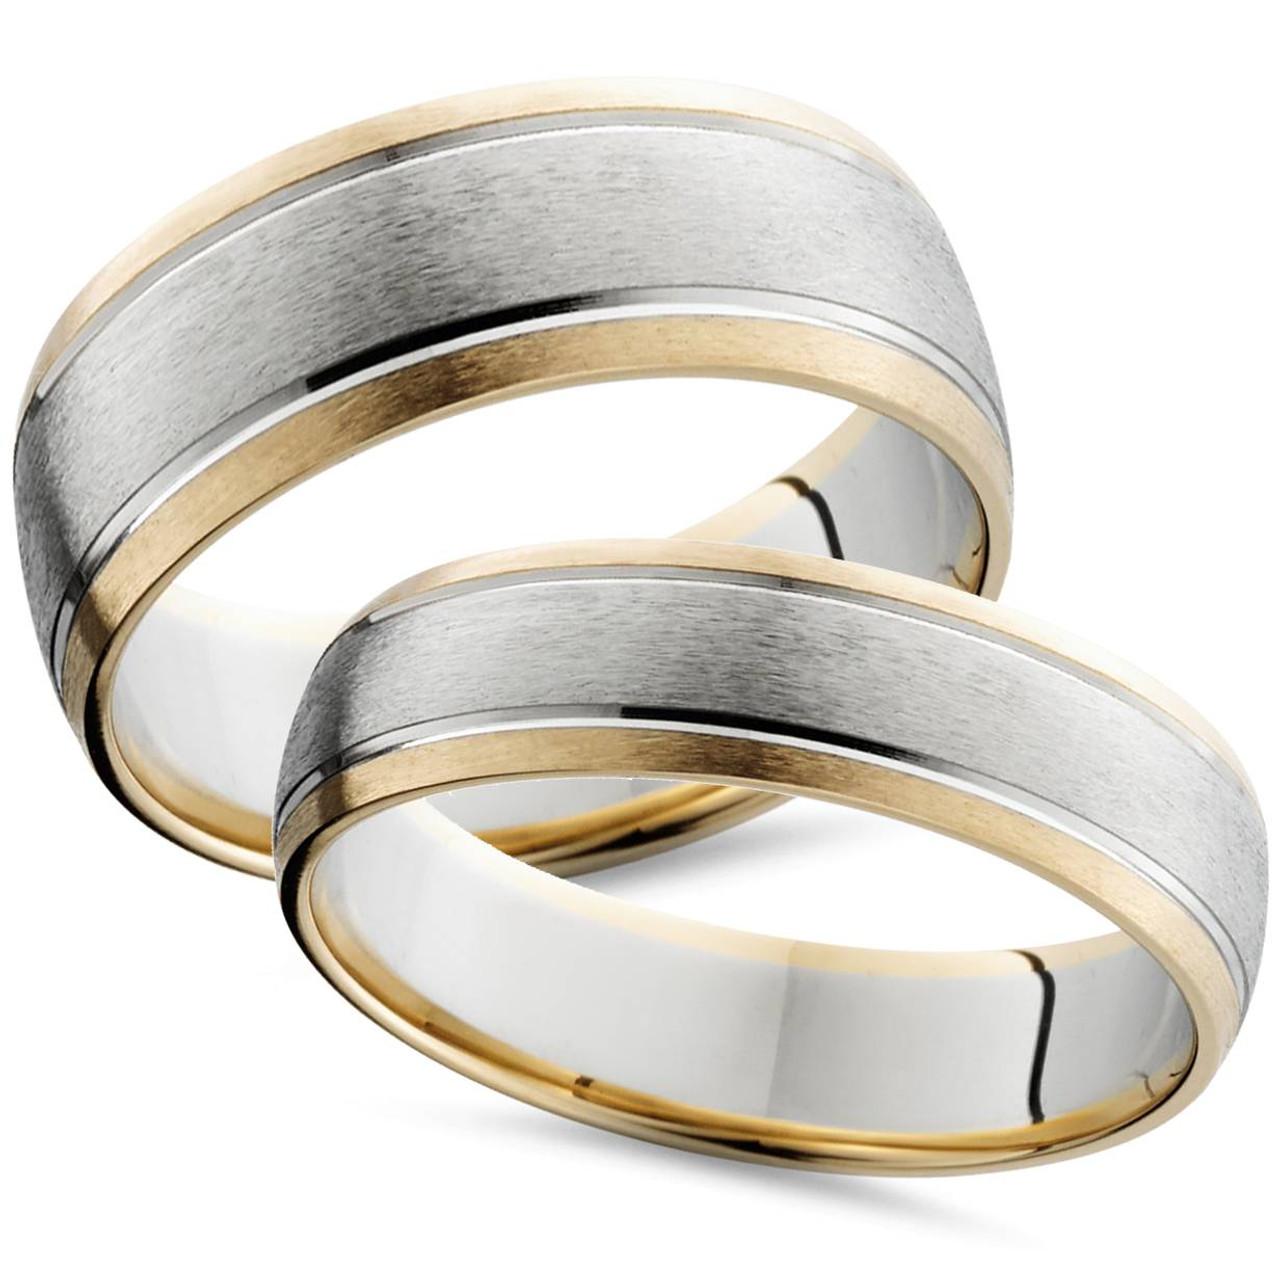 Two Tone 14k White Yellow Gold Matching Wedding Ring Set His